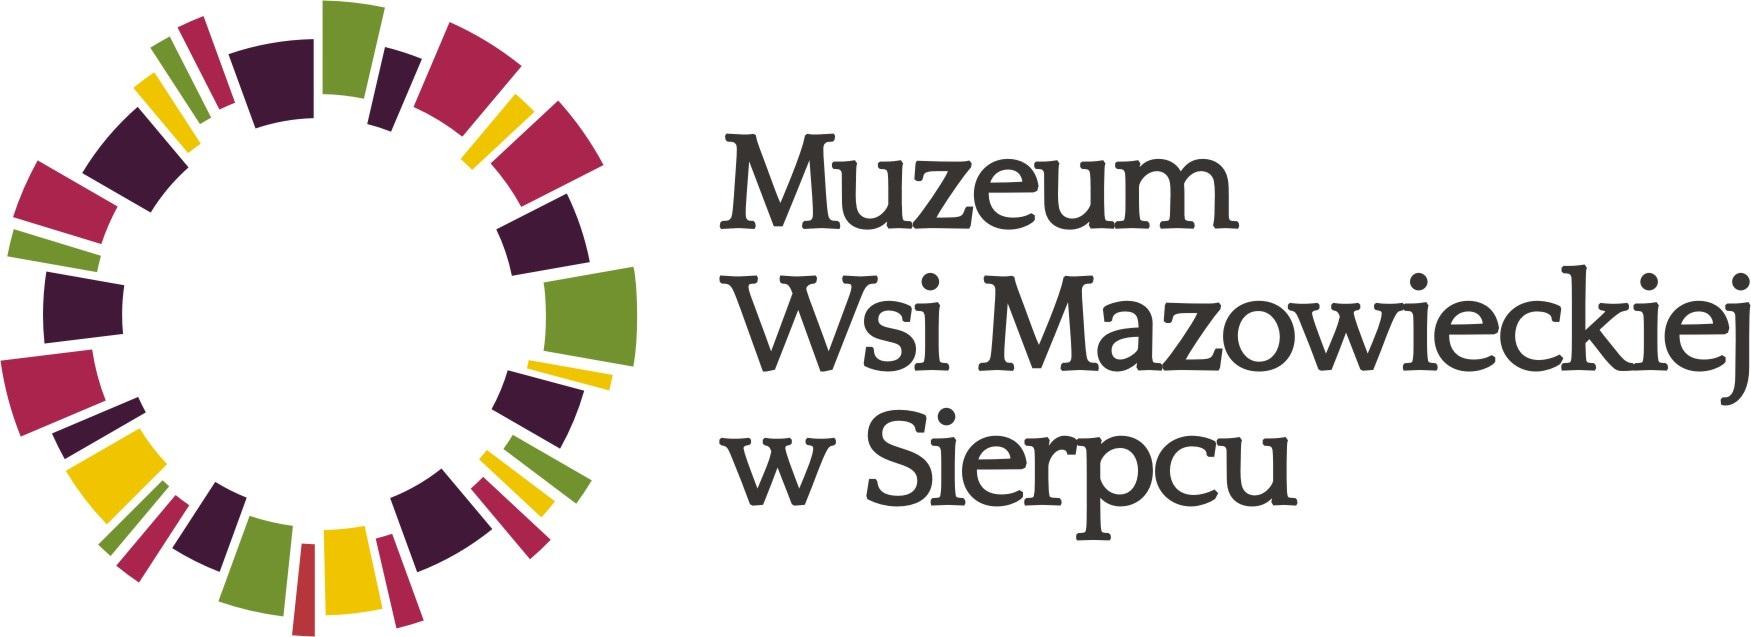 logo_sierpc--dzien-kultury-ludowej-regionu